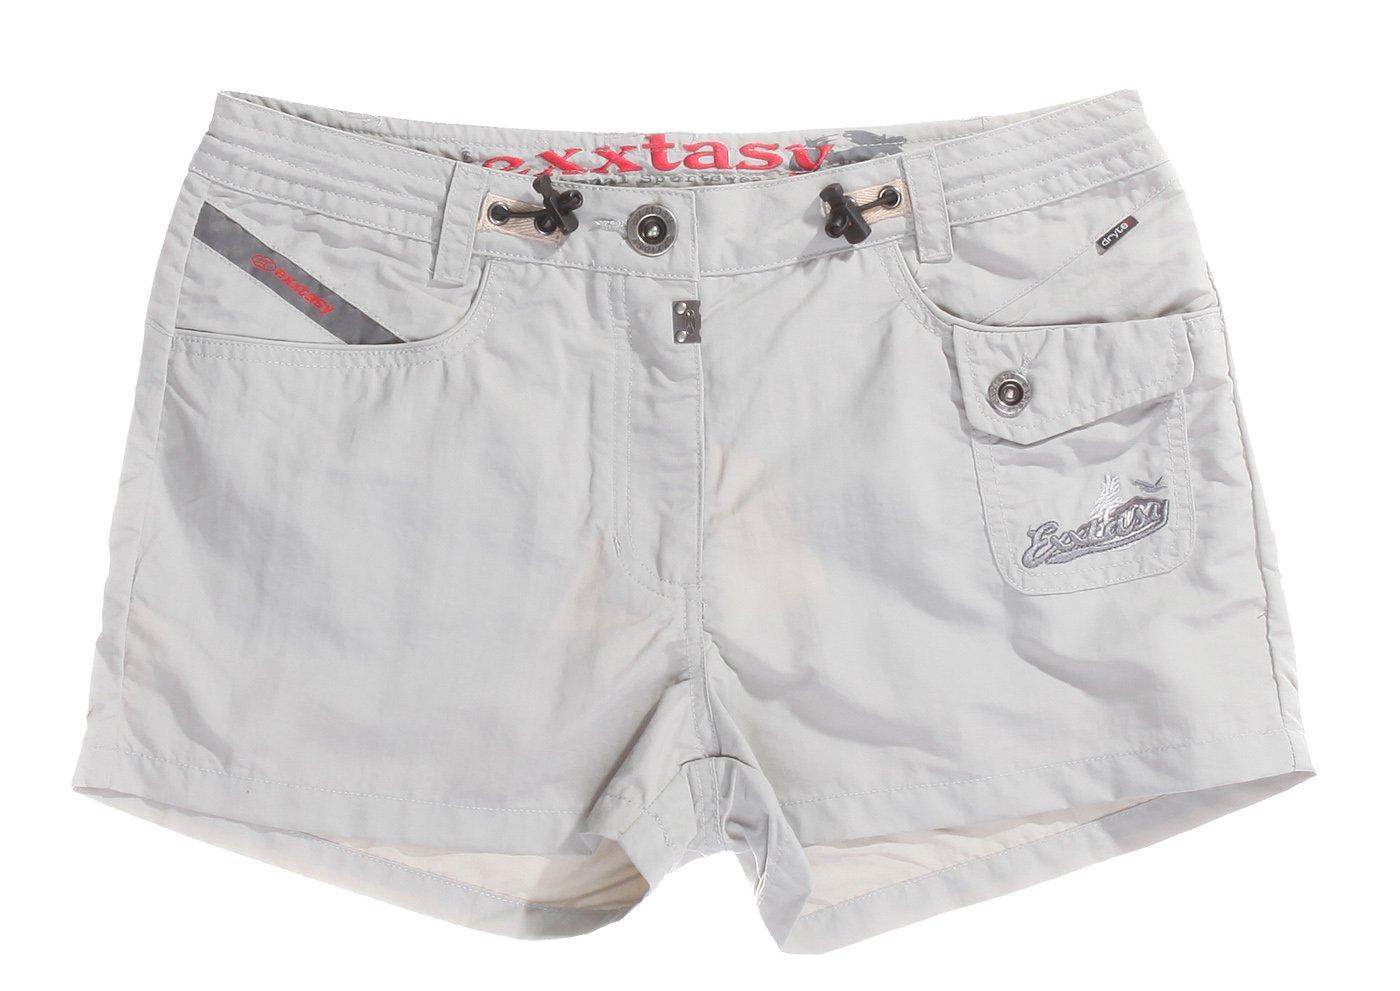 Exxtasy-Pantaloni corti da donna grigio 16 cm